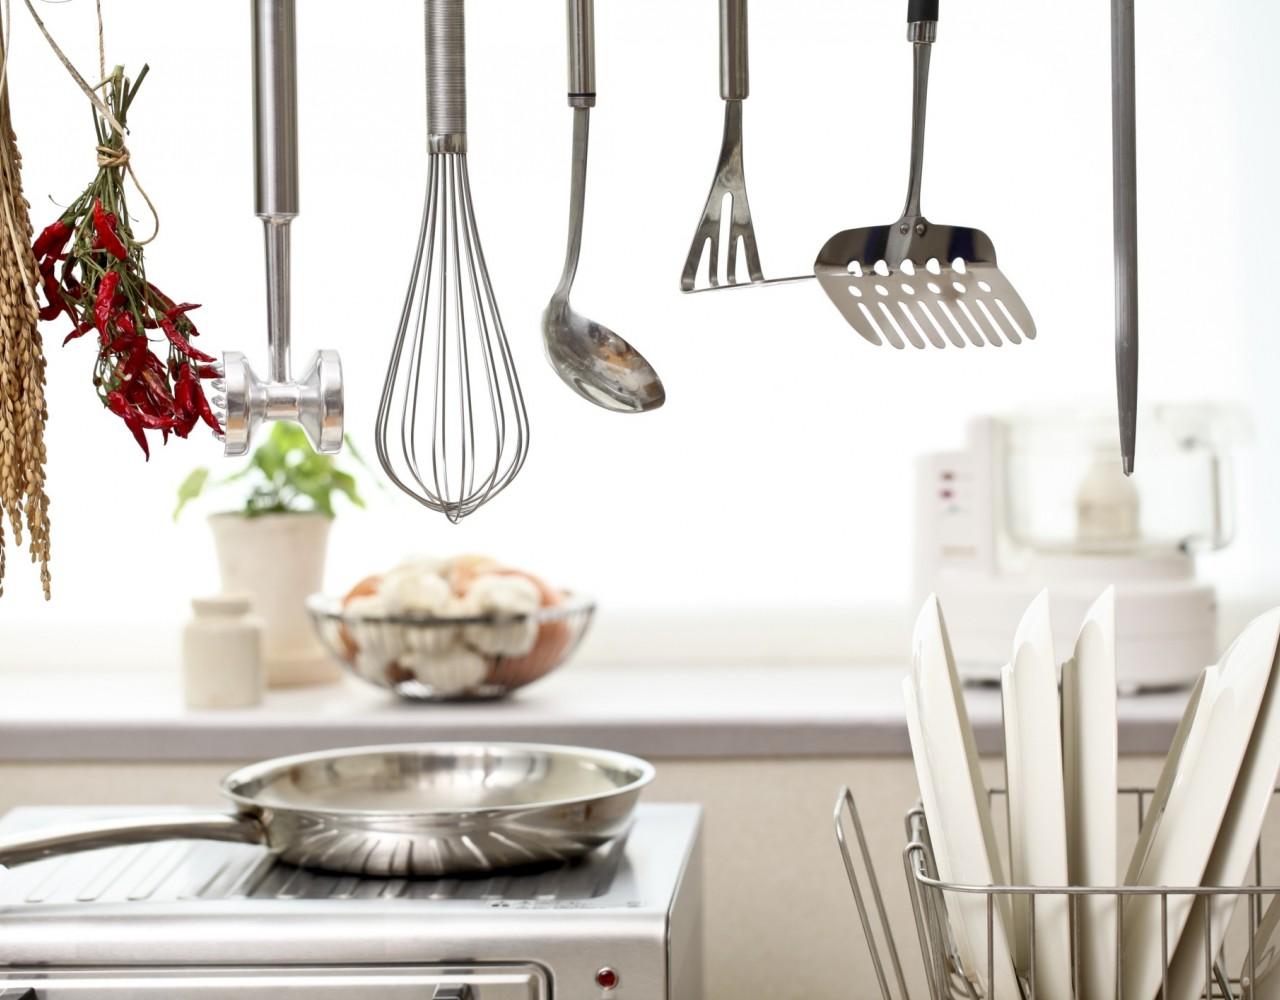 Préparation et accessoires de cuisine